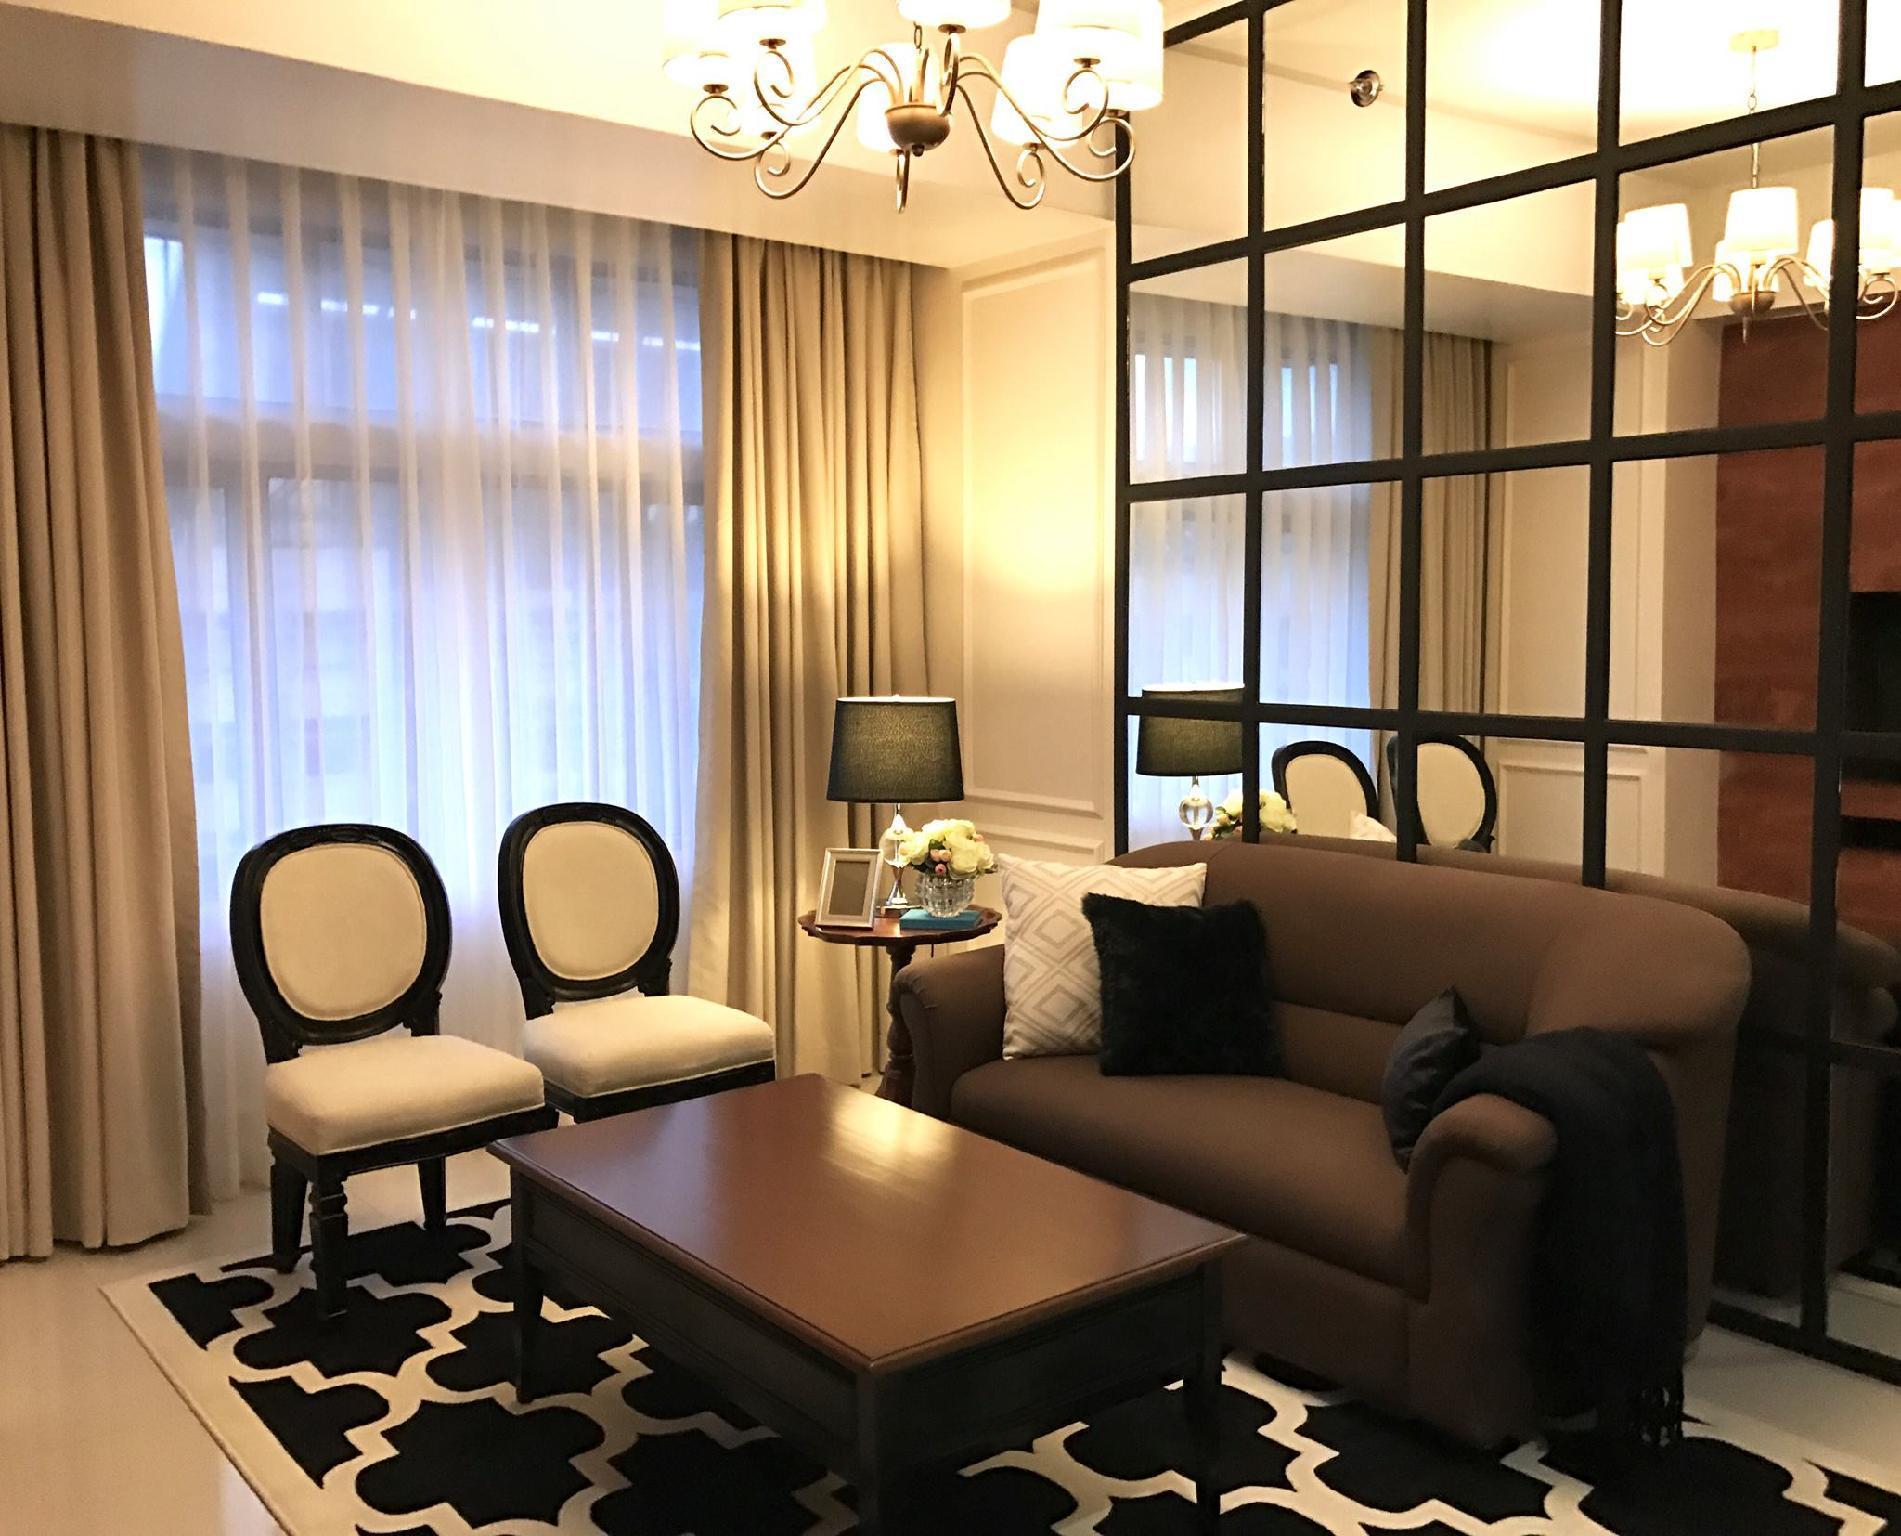 2 Bedroom Araneta Center Luxurious Condo